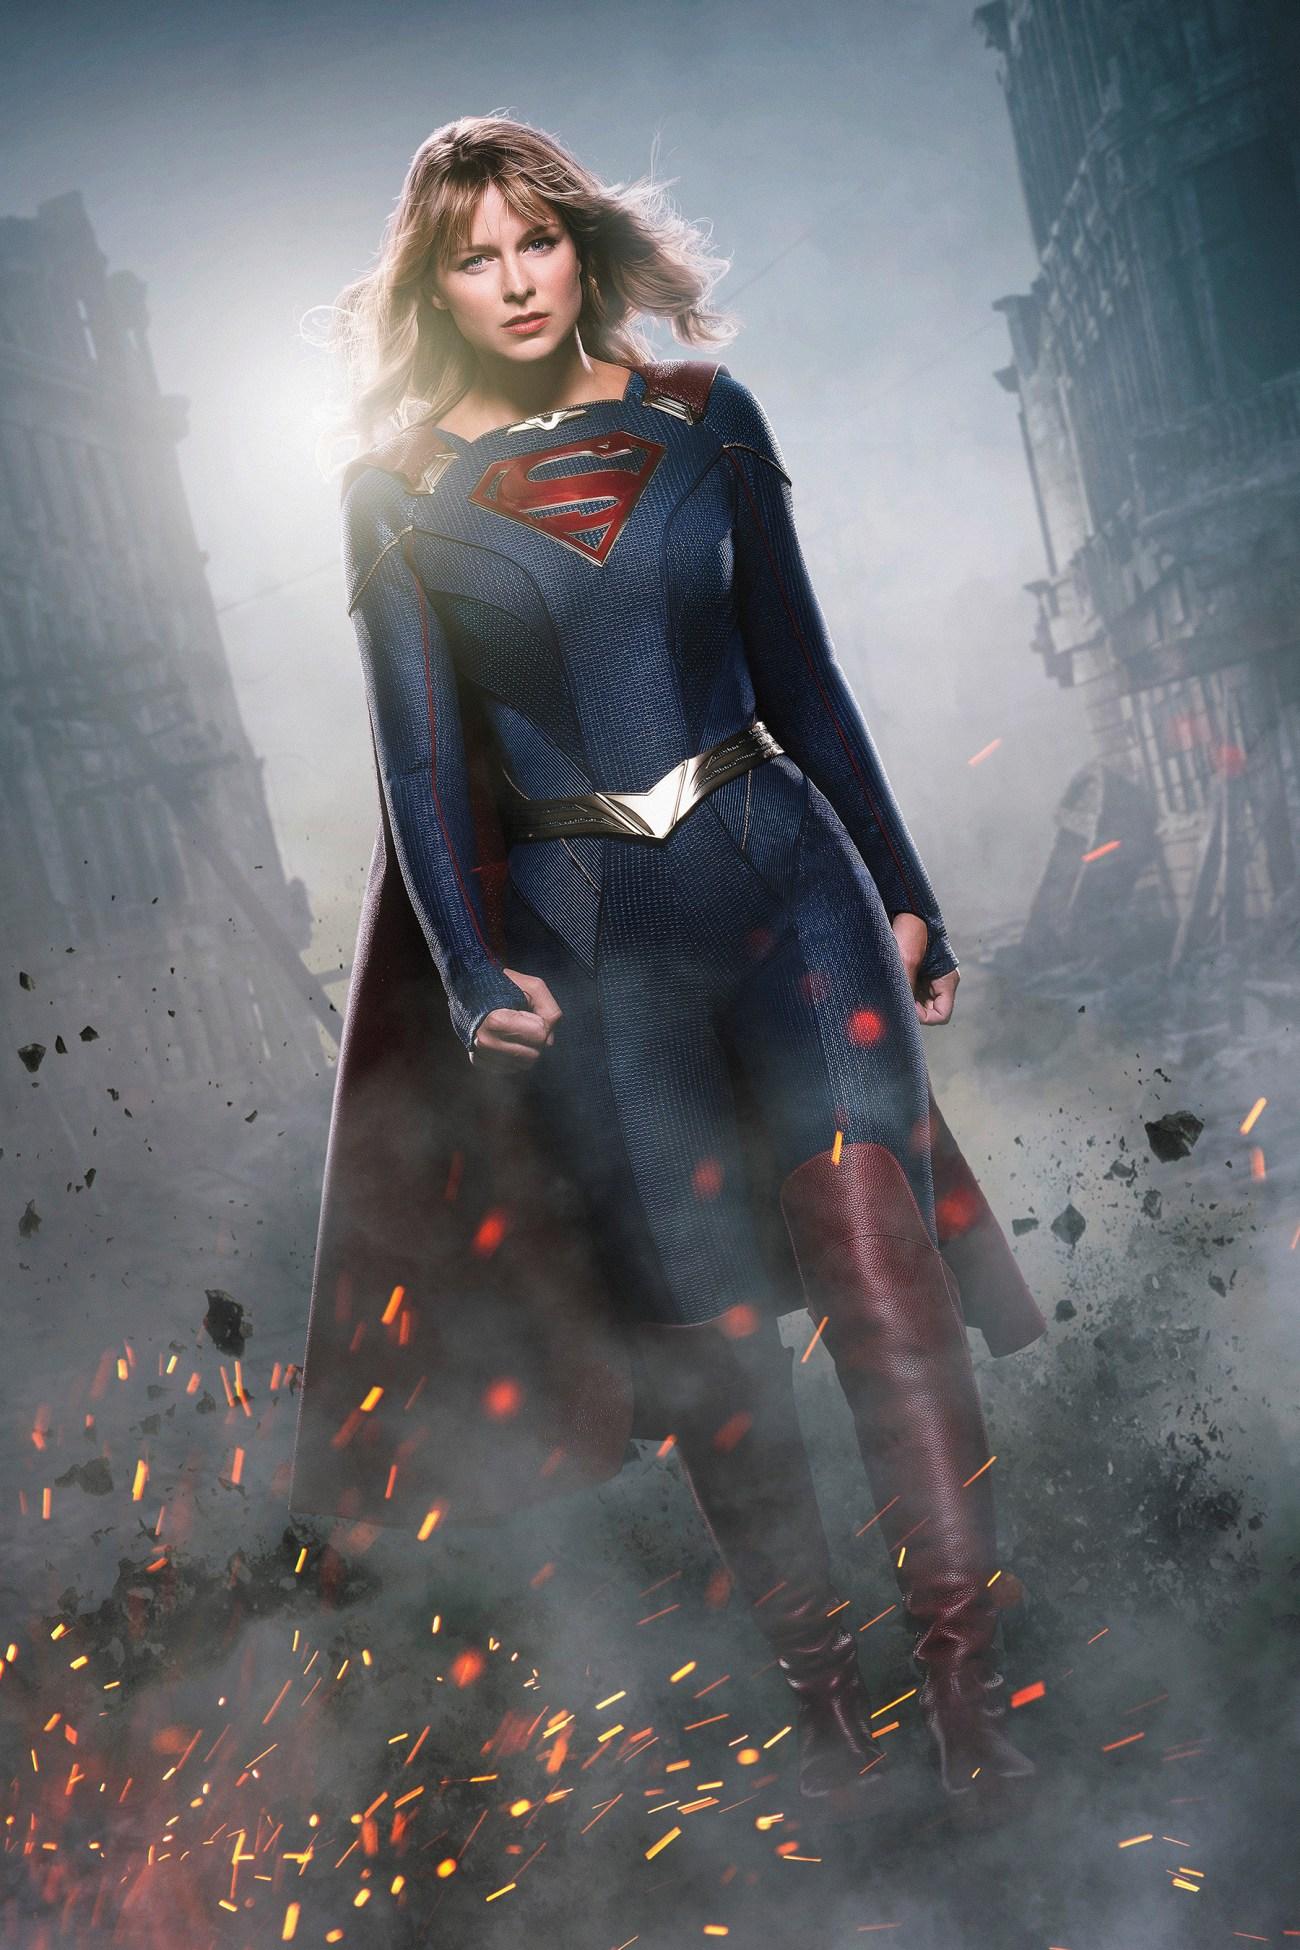 Melissa Benoist es la Chica de Acero en la temporada 5 de Supergirl. Imagen: The CW/Entertainment Weekly